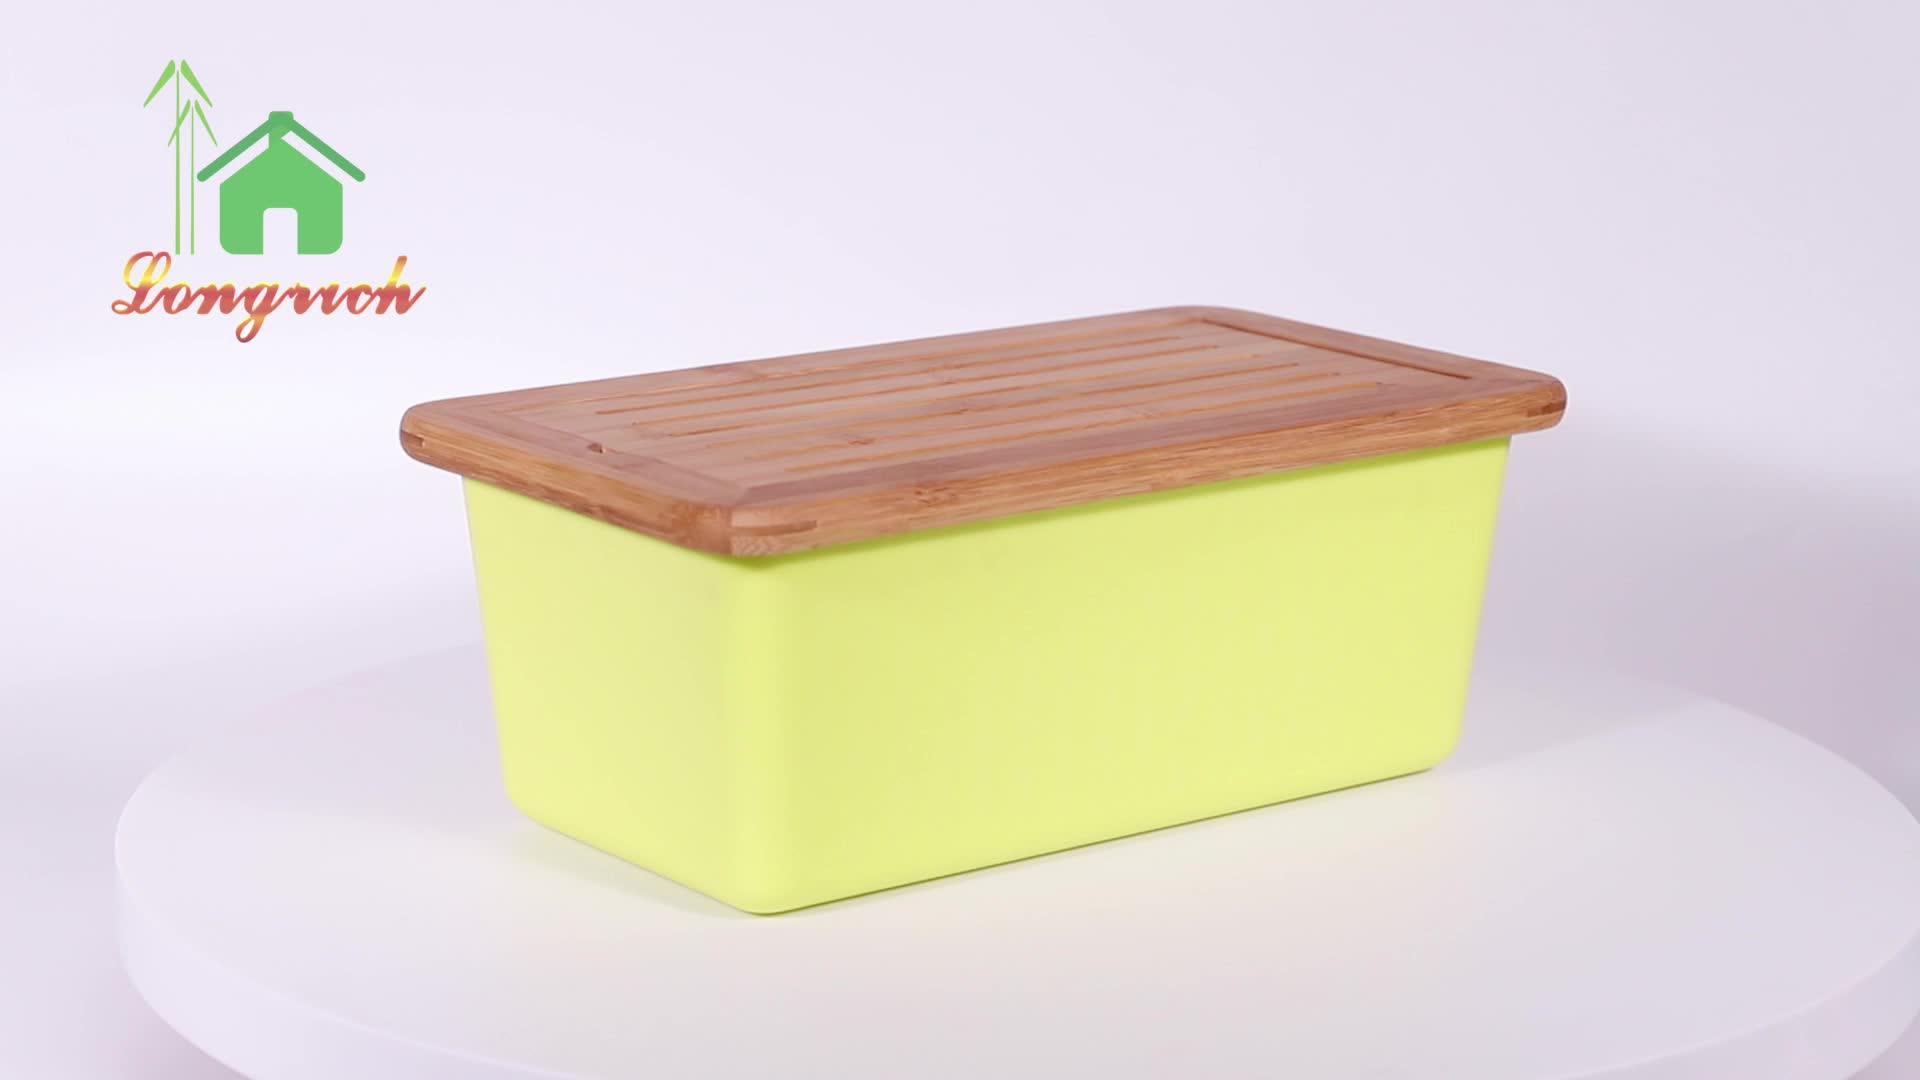 FSC प्रमाणित स्थायी साफ साफ ताजगी संरक्षण प्राकृतिक लकड़ी के बांस रोटी बॉक्स